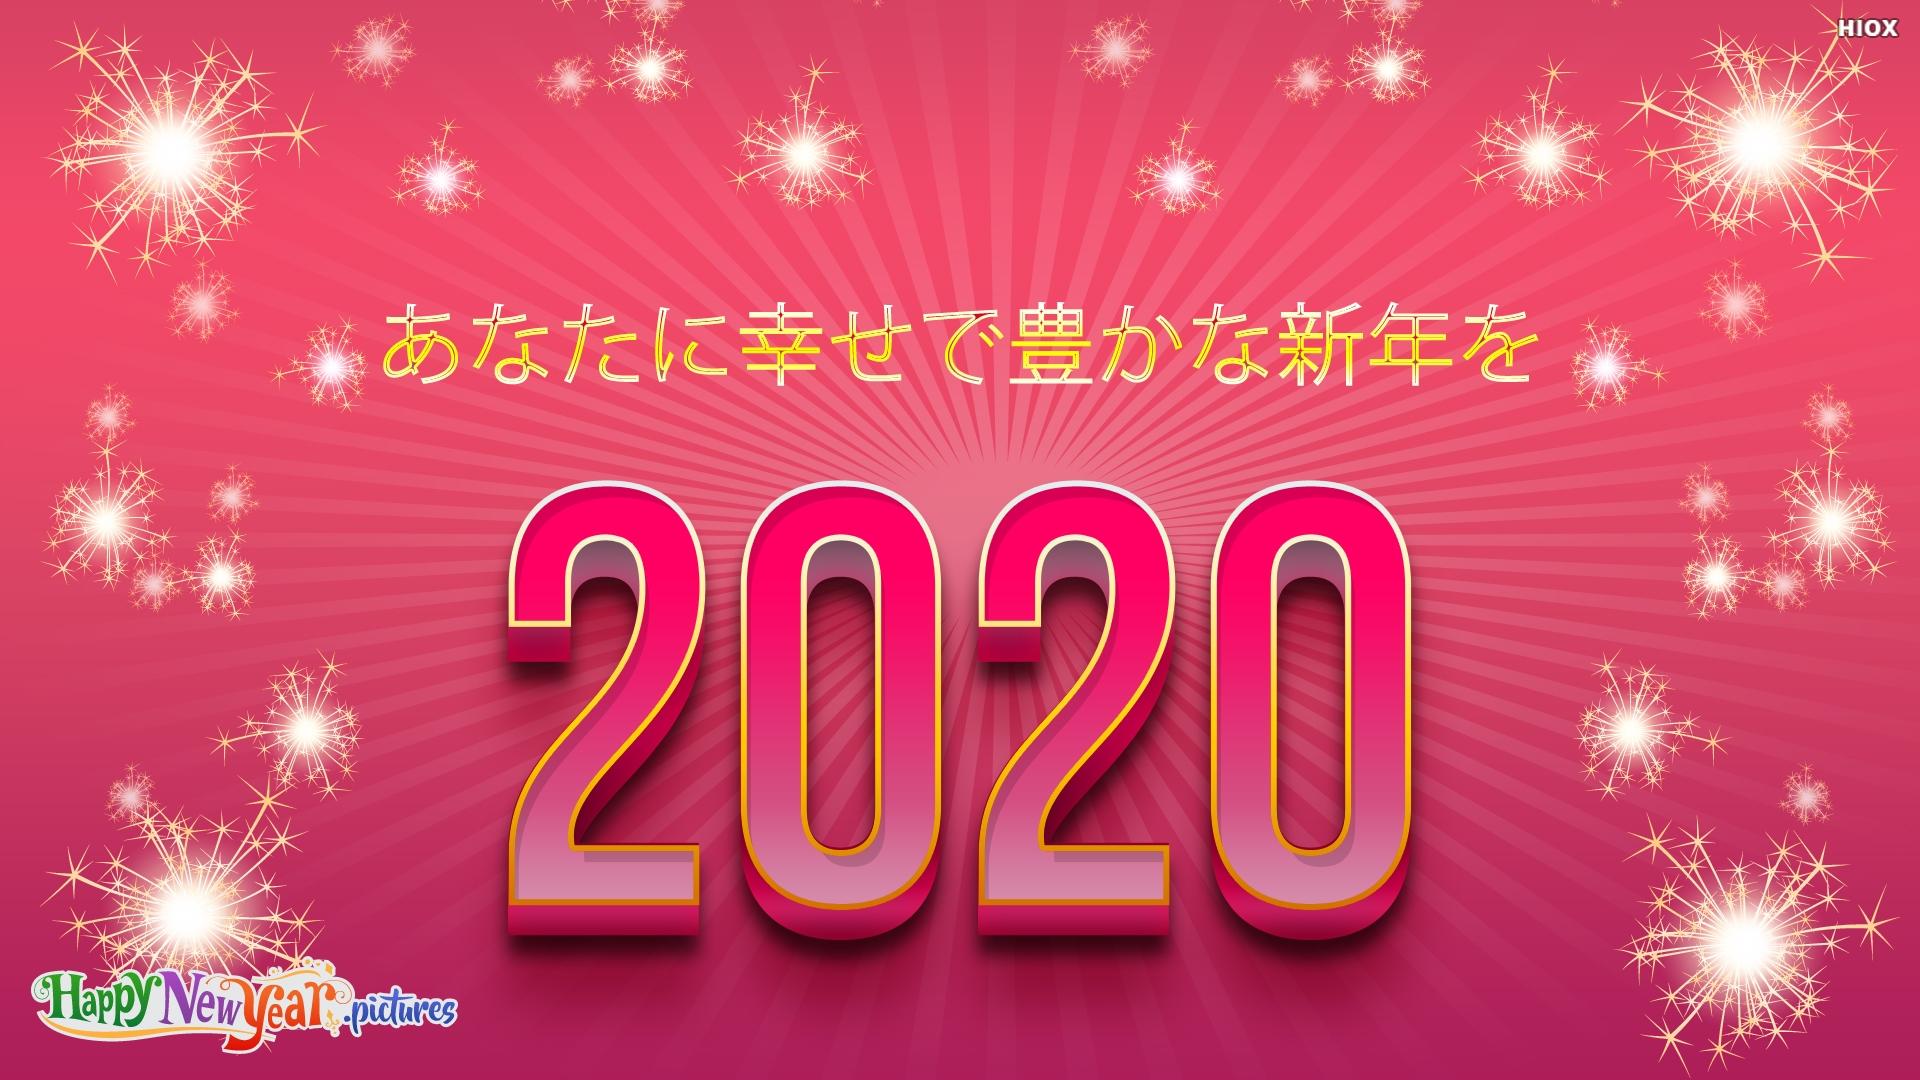 あなたに幸せで豊かな新年を